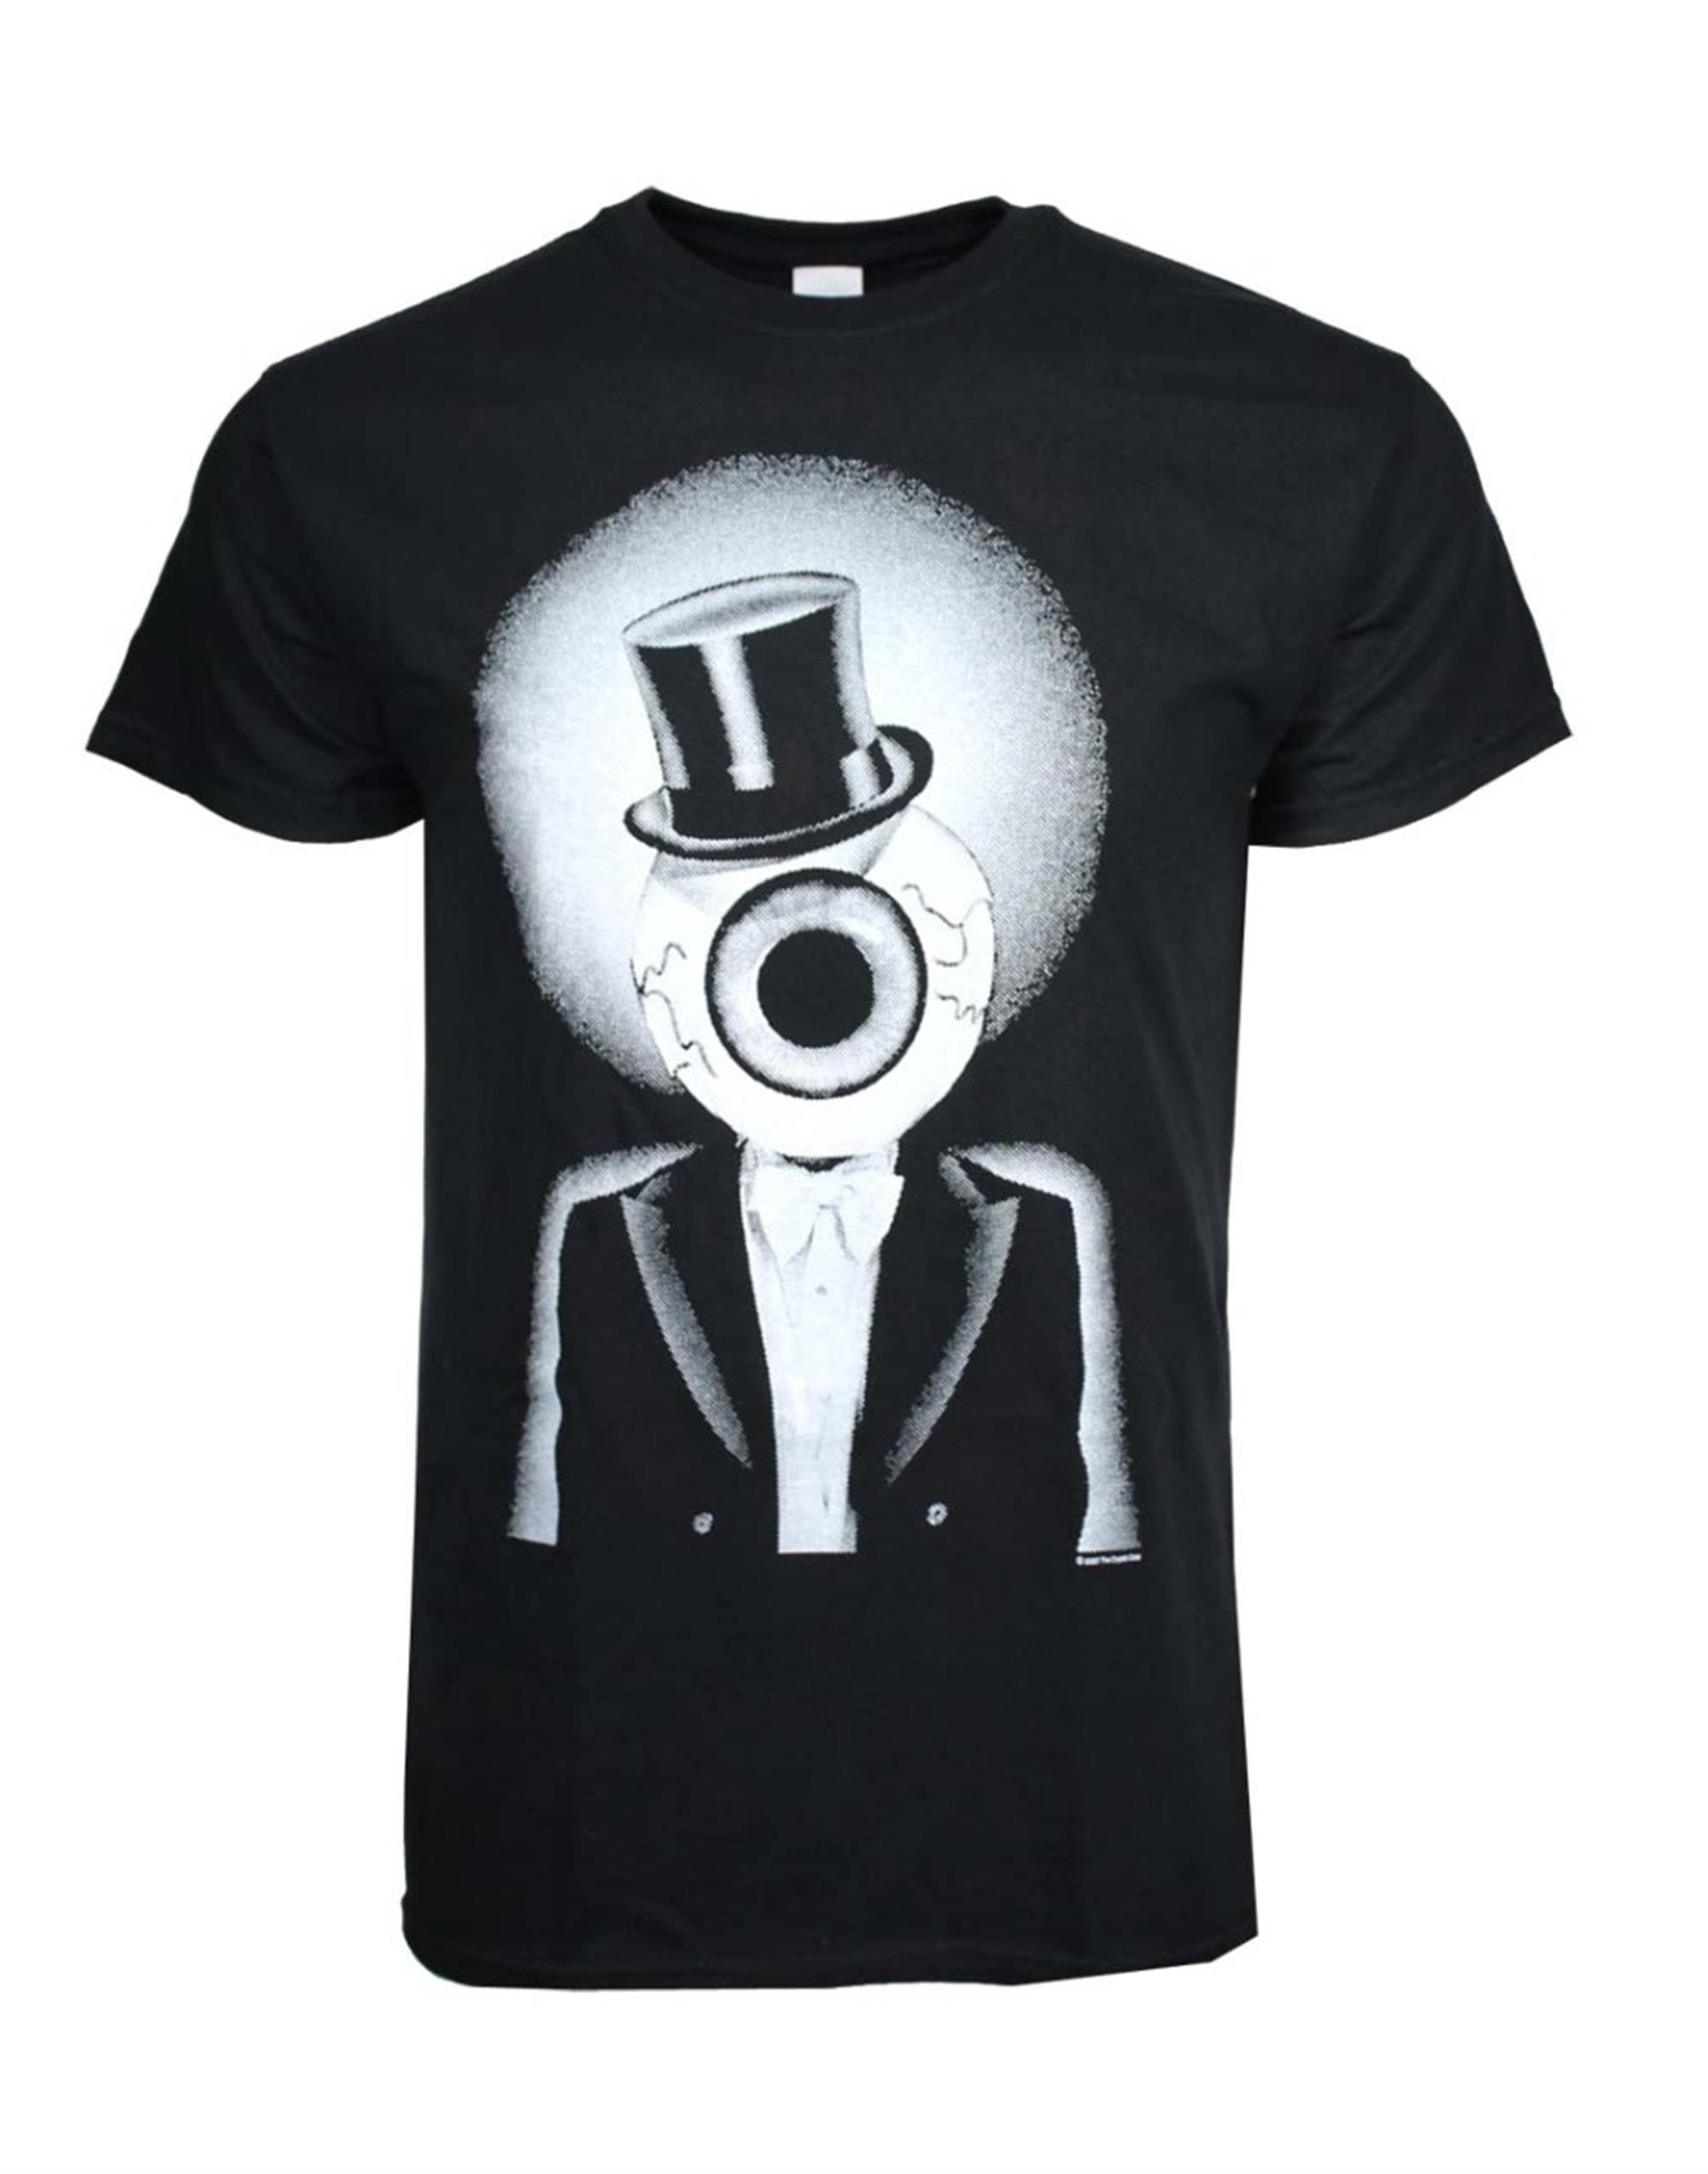 Residents Eyeball T-Shirt